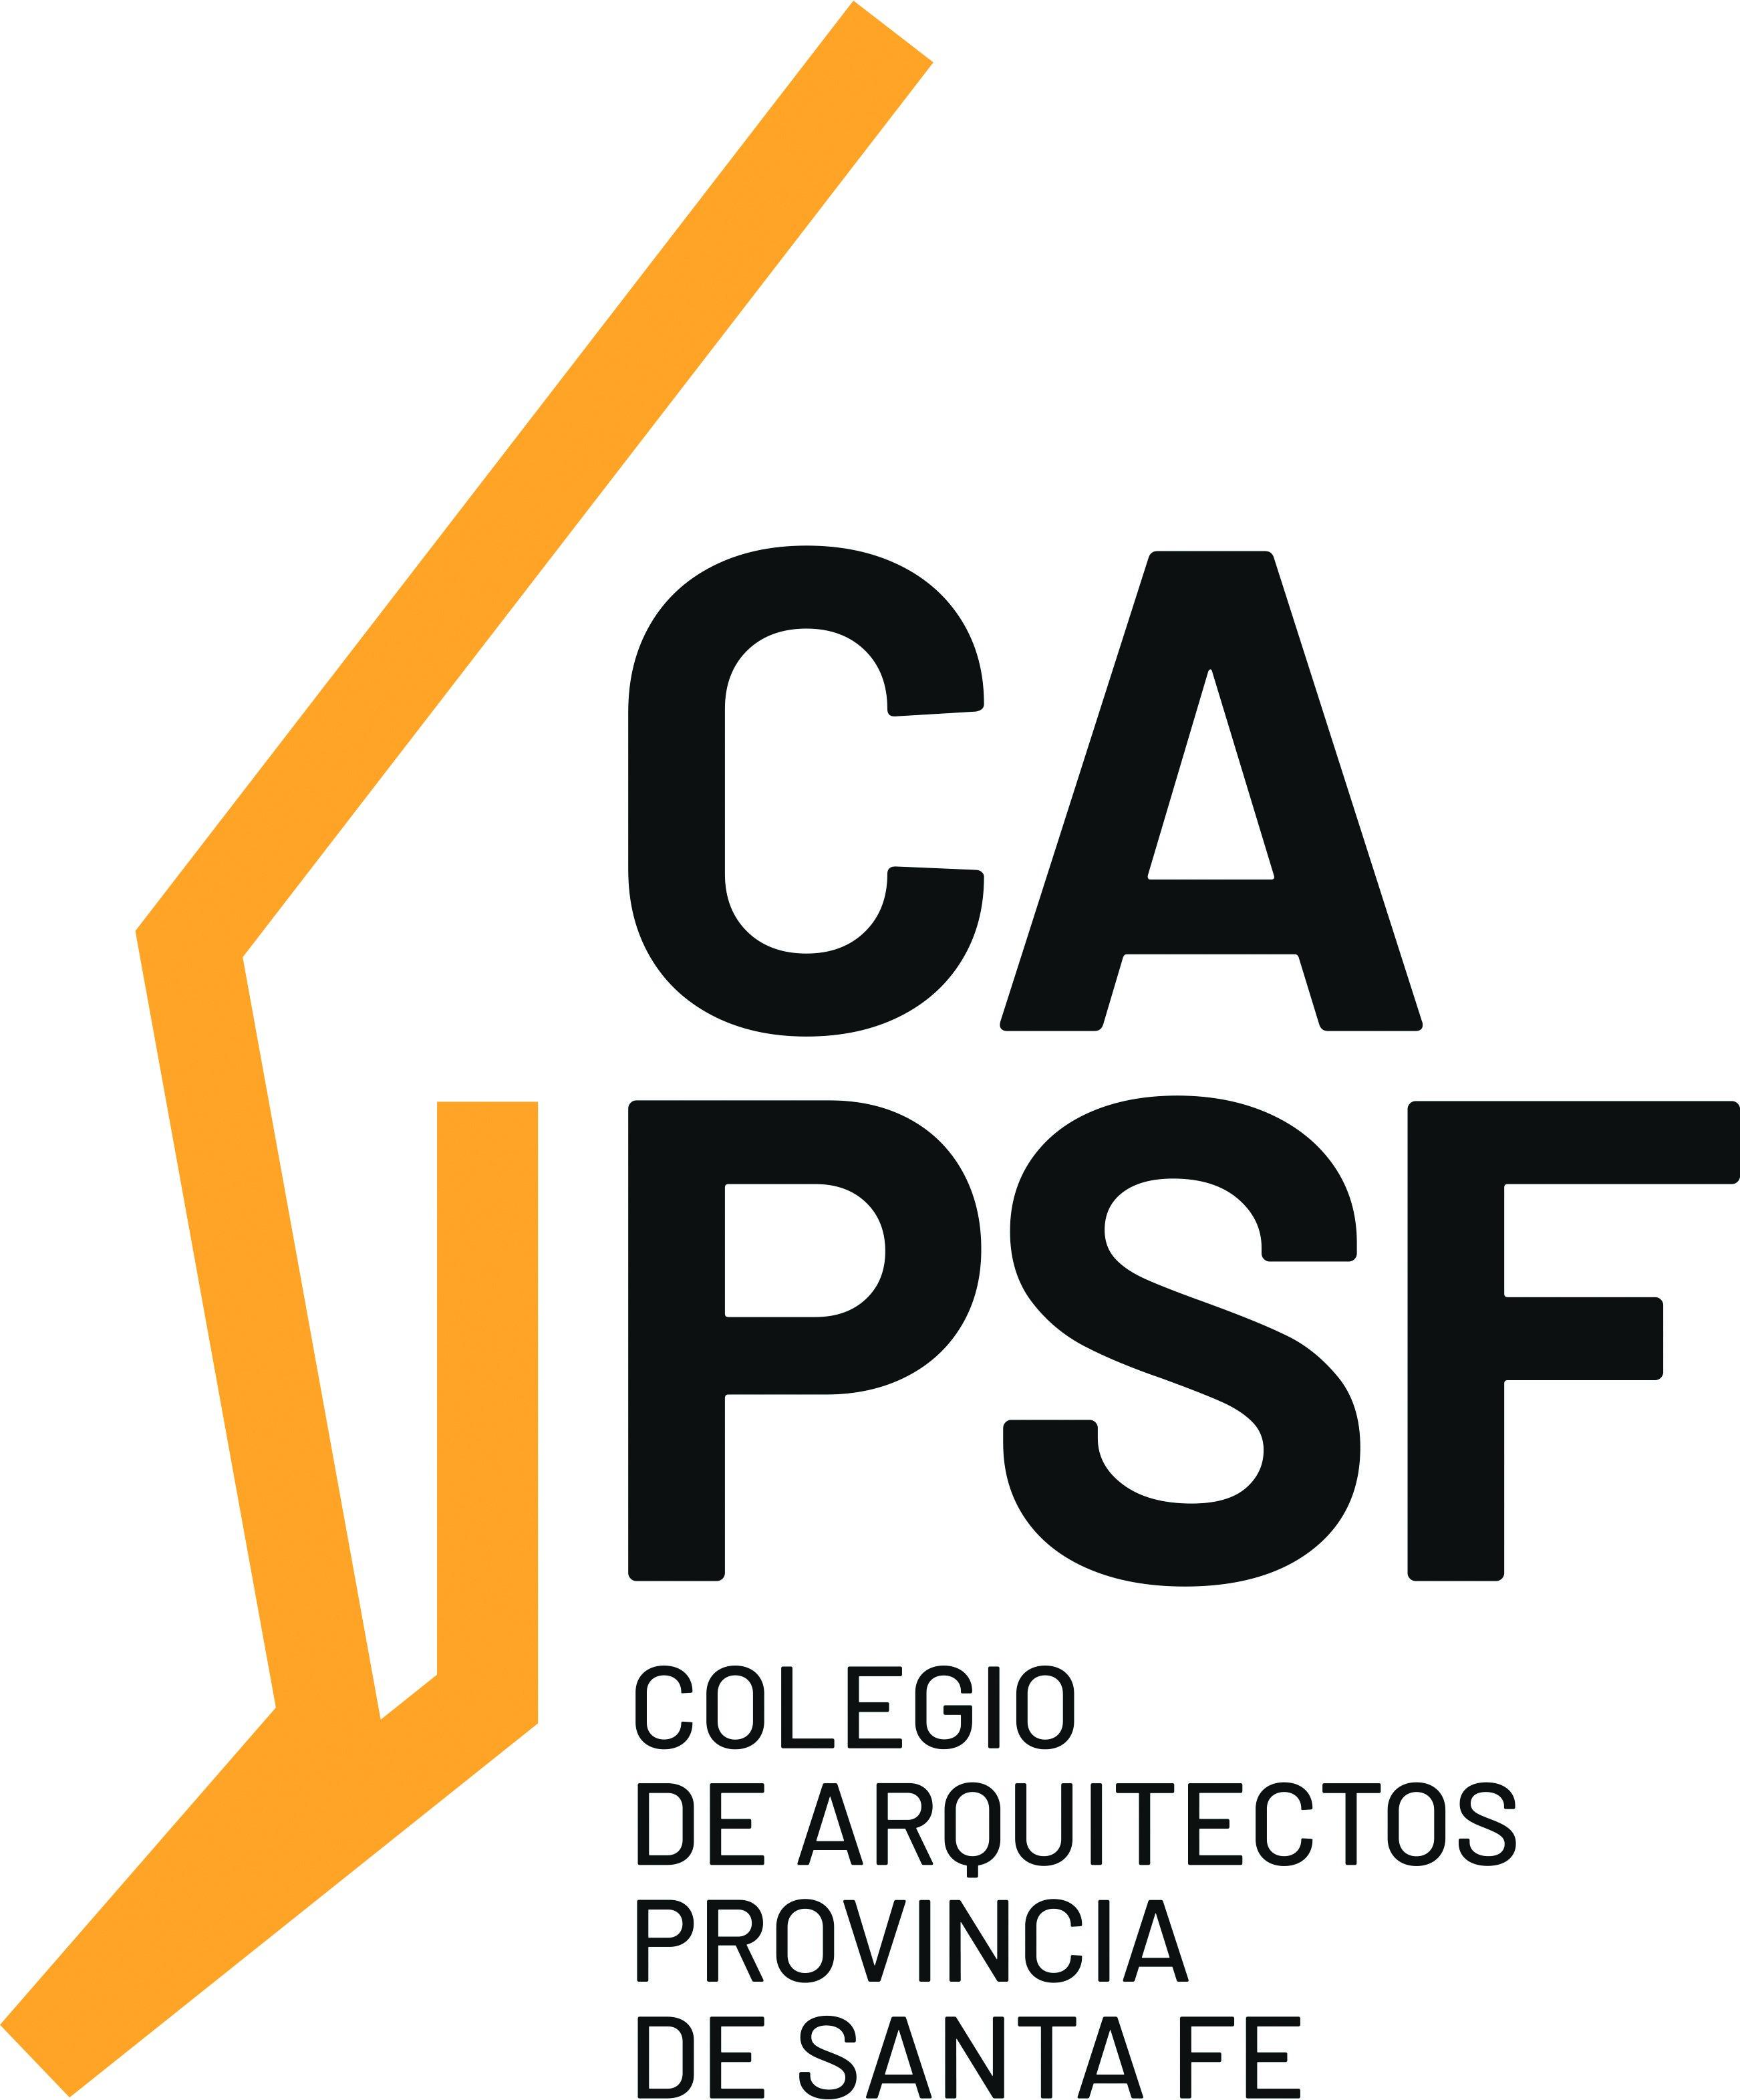 Colegio de Arquitectos de la Provincia de Santa Fé